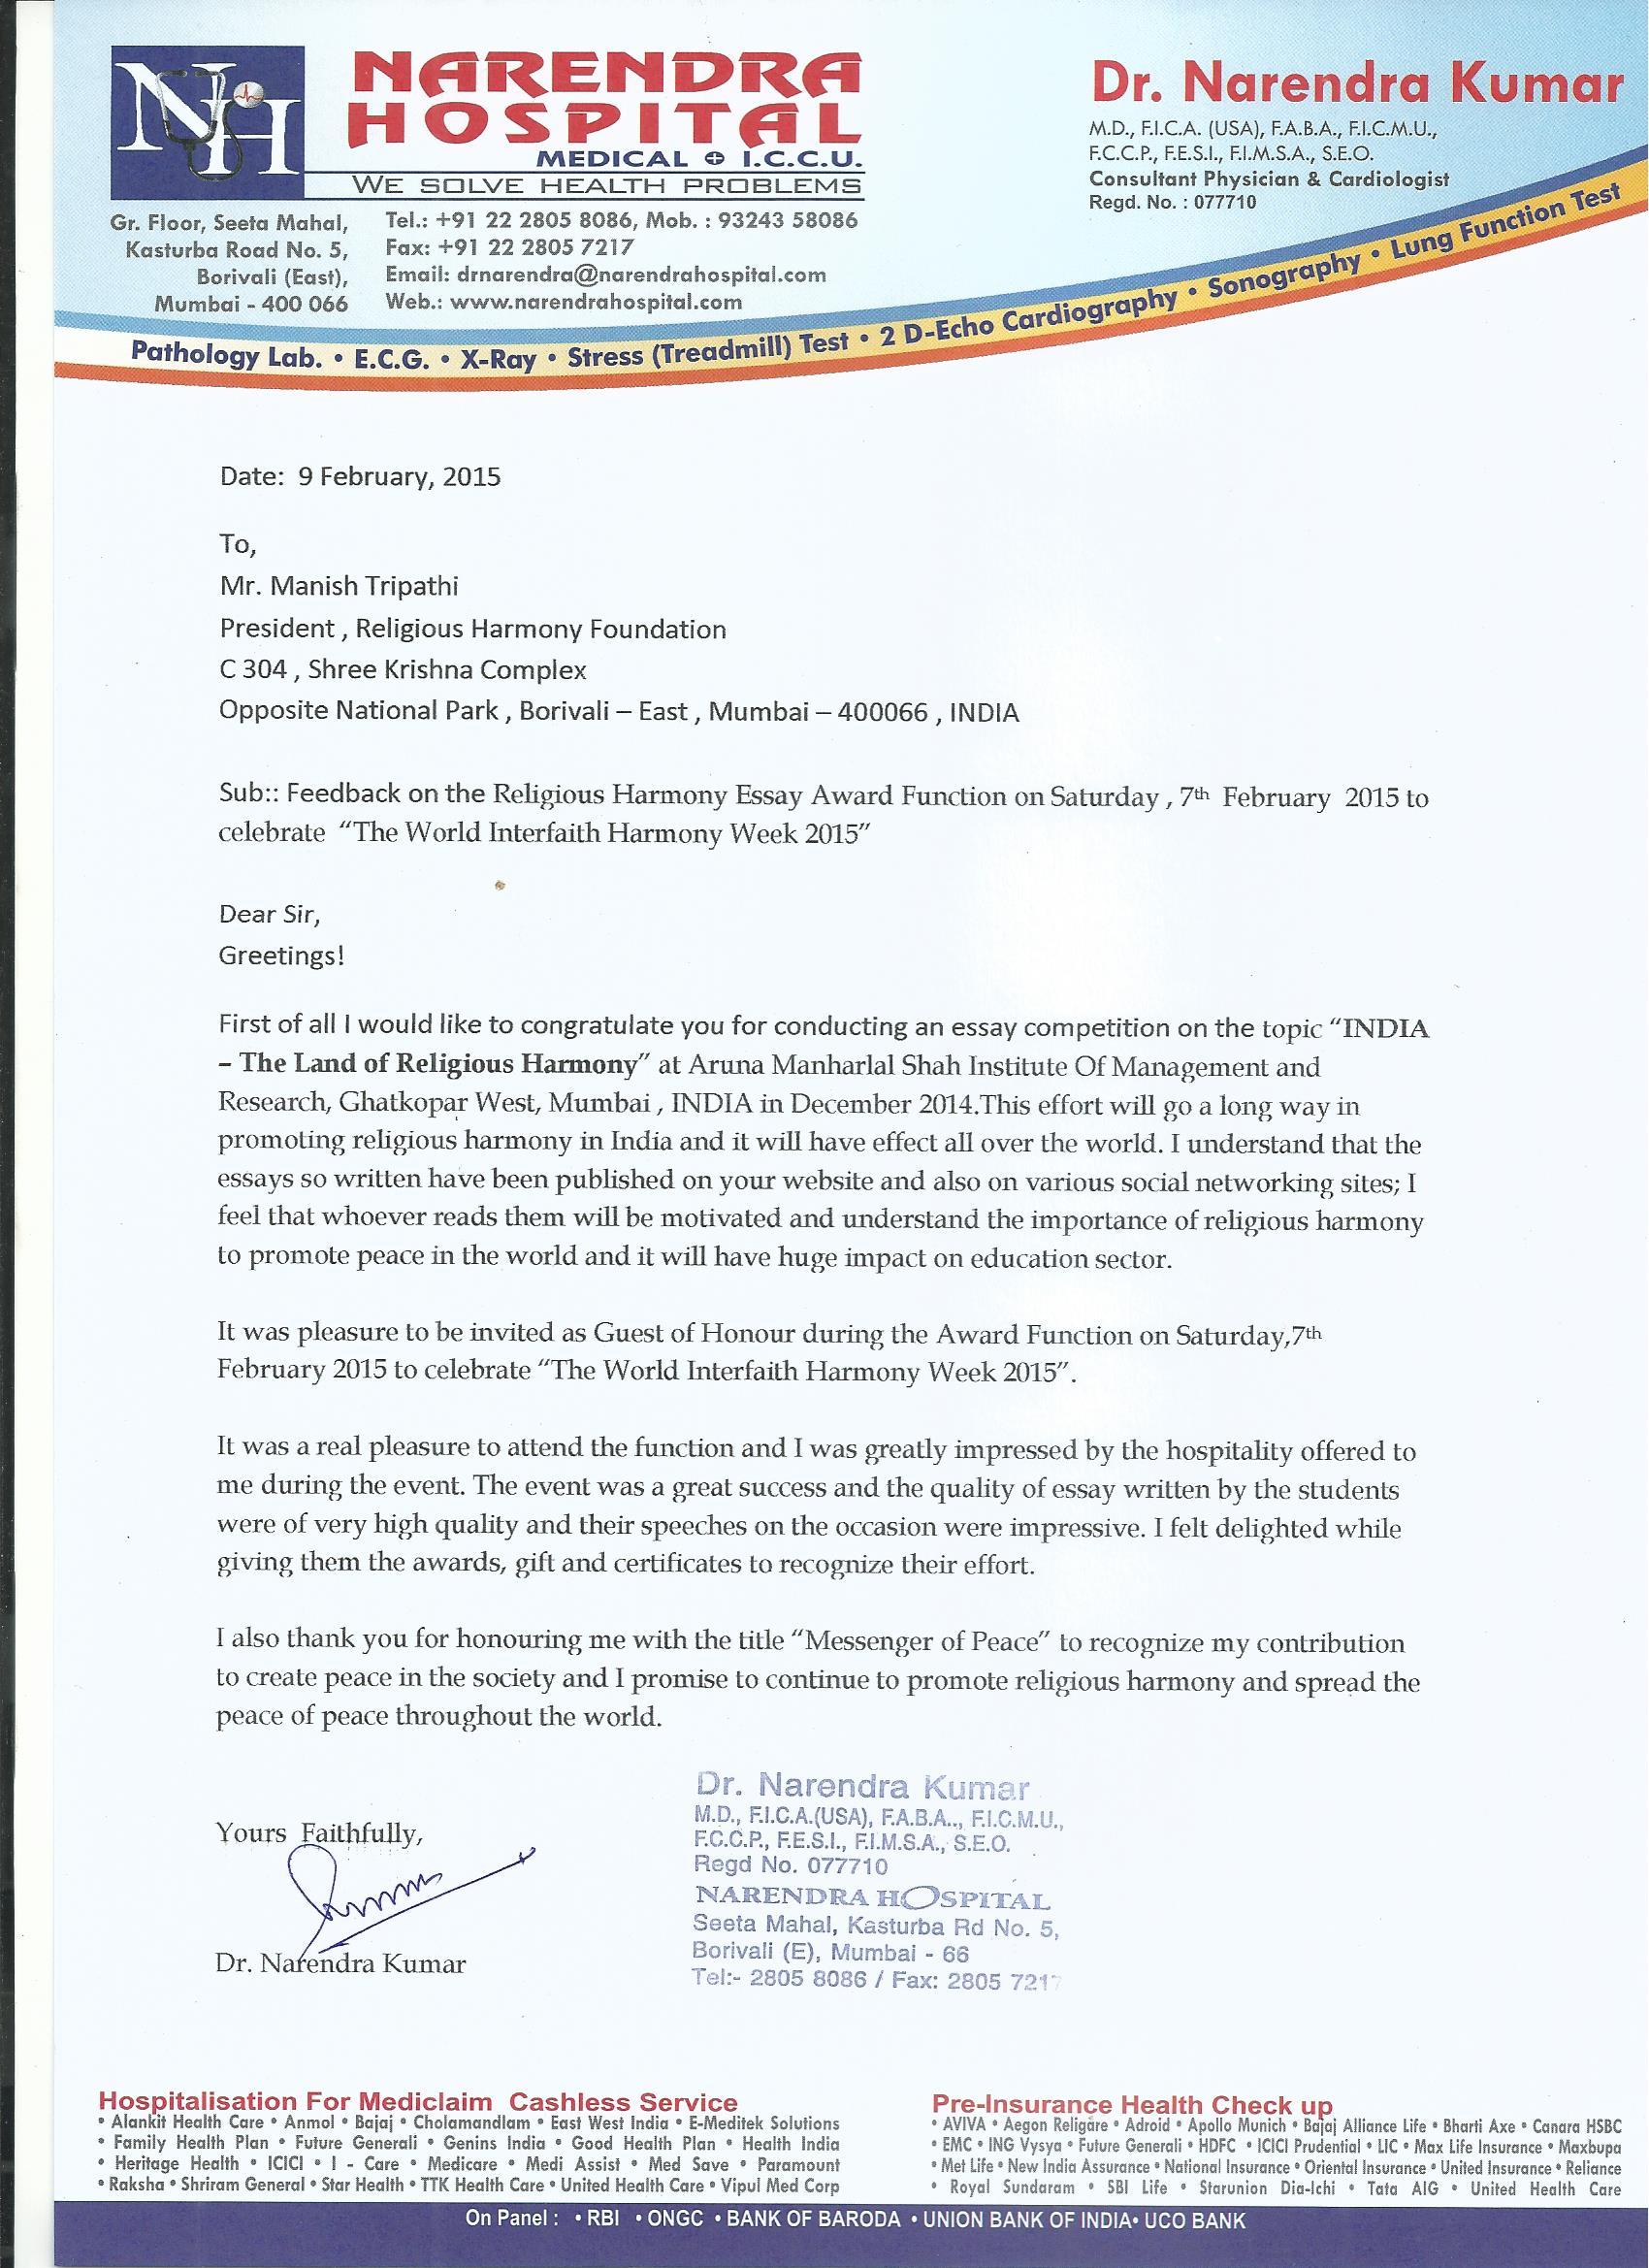 Feedback-Dr.-Narendra-Kumar-Religious-Harmony-Foundation-Mumbai.jpg